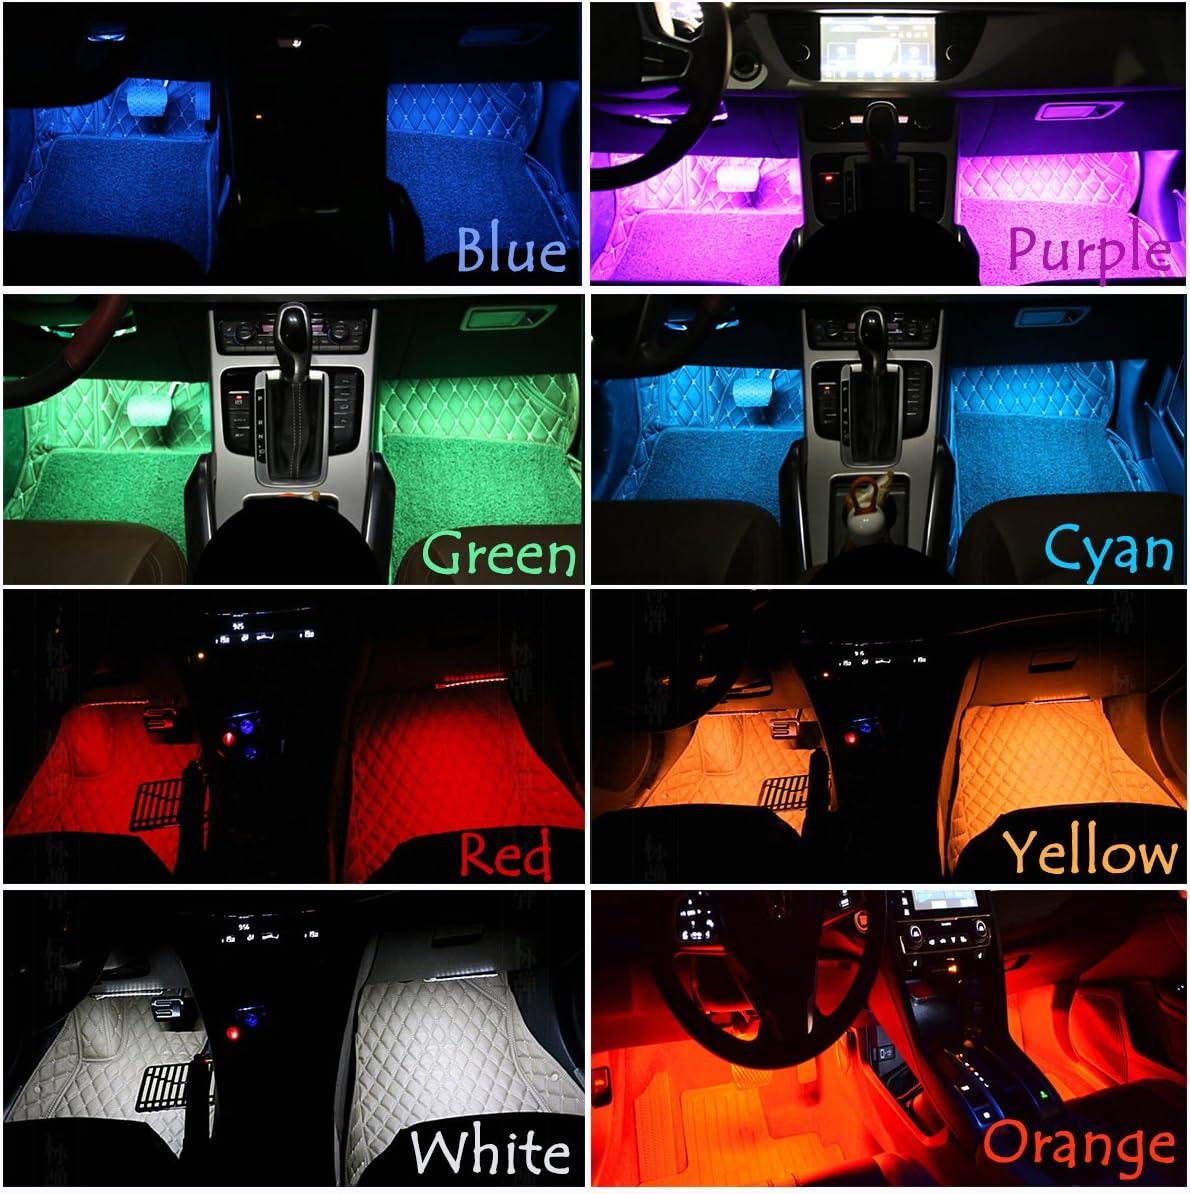 Possbay Universel Voiture Auto Lampes Int/érieures D/écoration Atmosphere 4X 9 LED d/écoration Lampes 12V Color/é avec Contr/ôleur et Commande Vocale